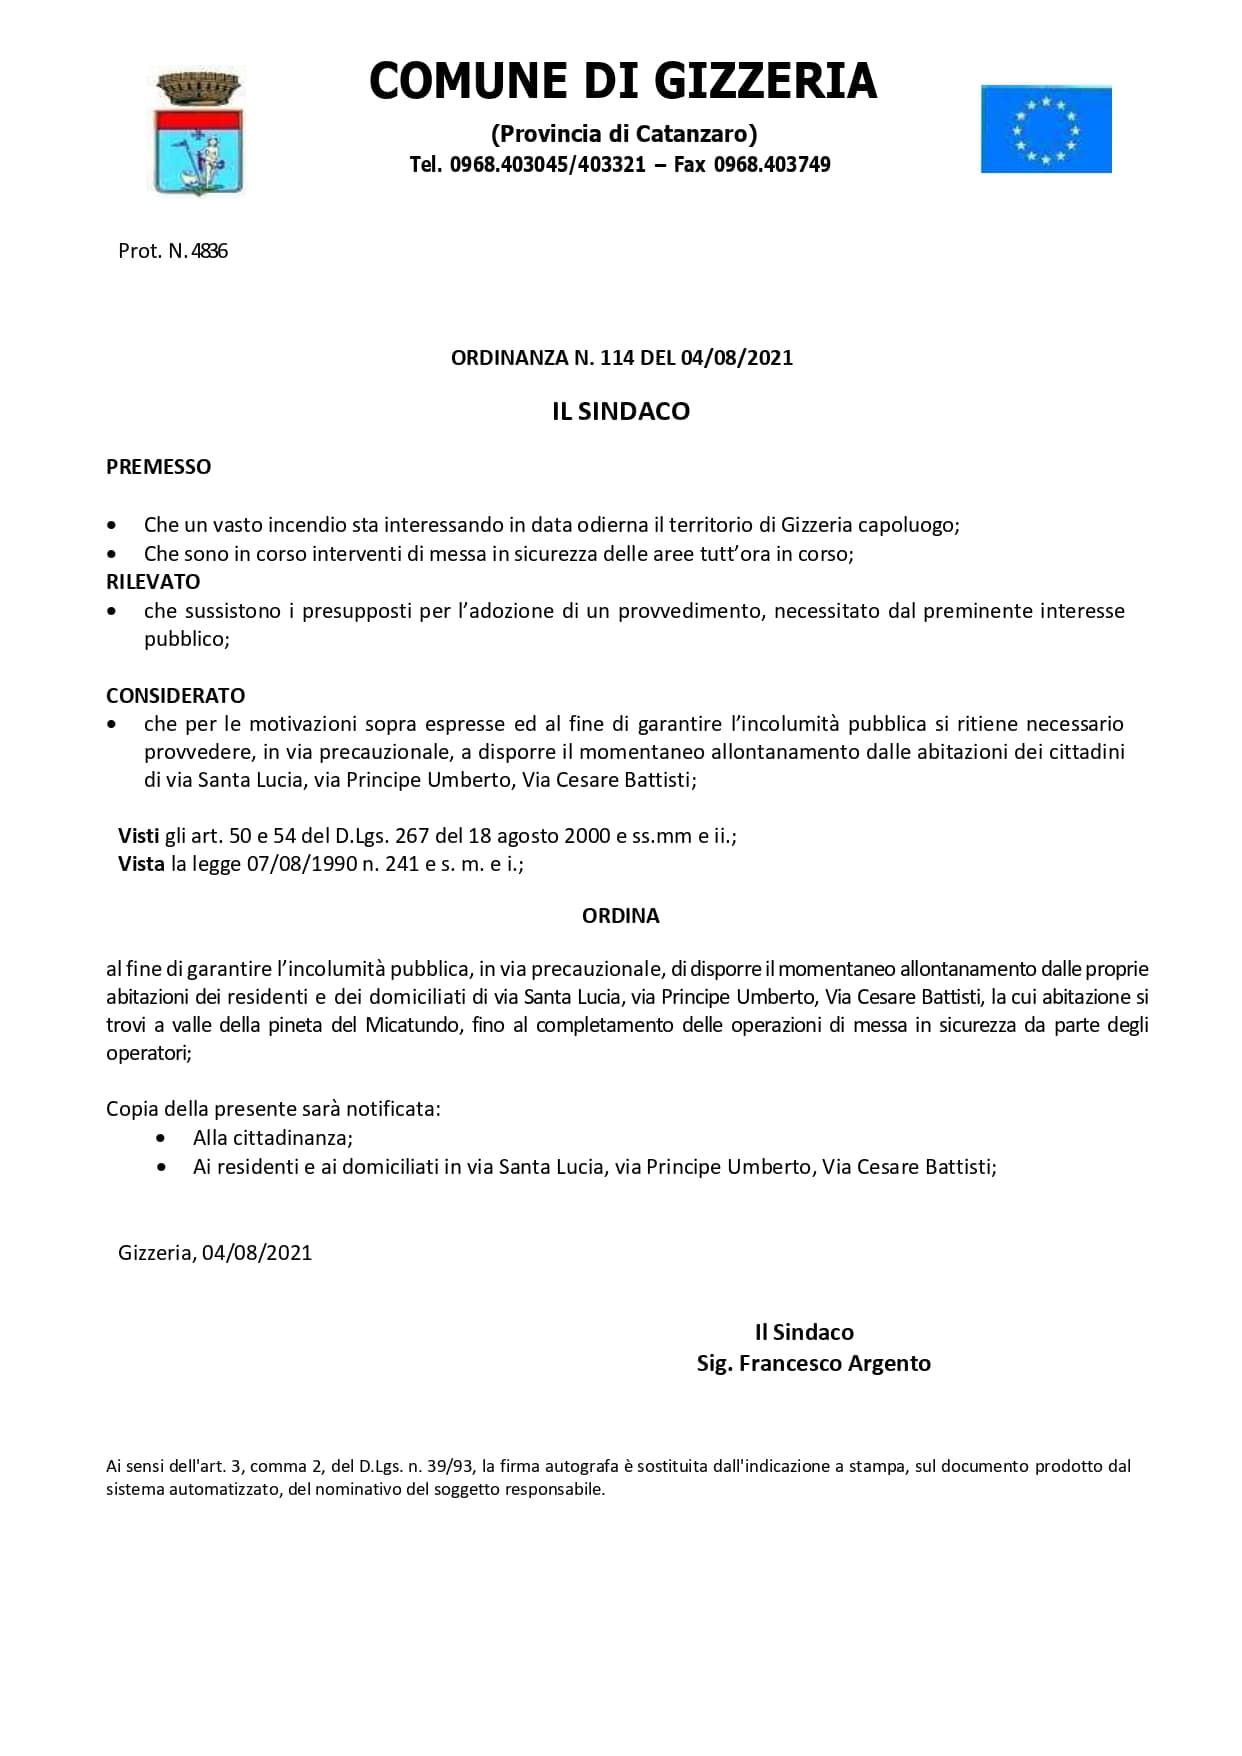 Incendio Gizzeria: ordinanza di allontanamento dalle abitazioni